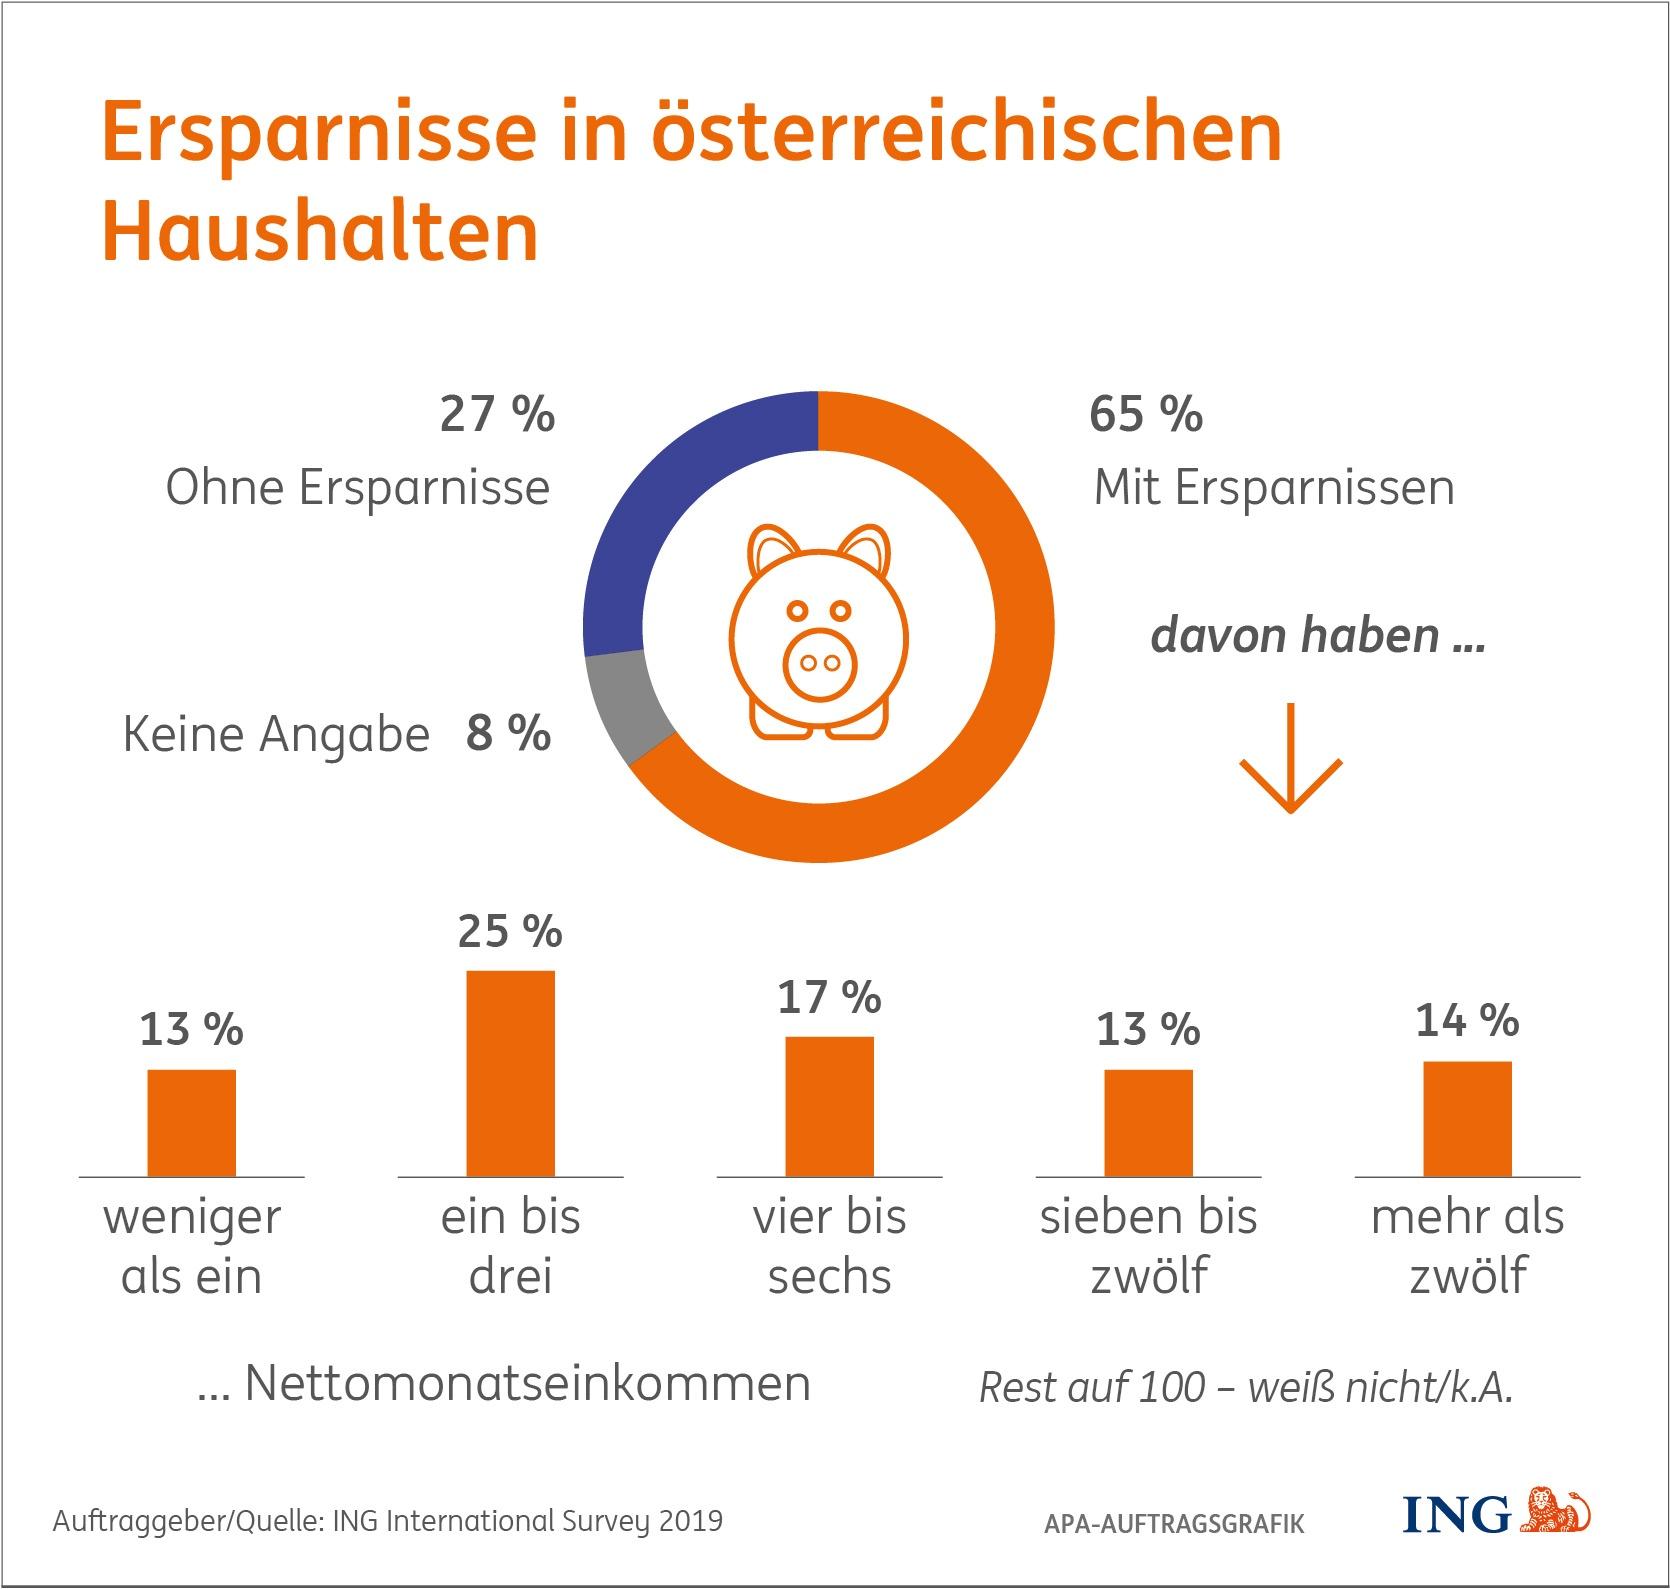 Ersparnisse in österreichischen Haushalten